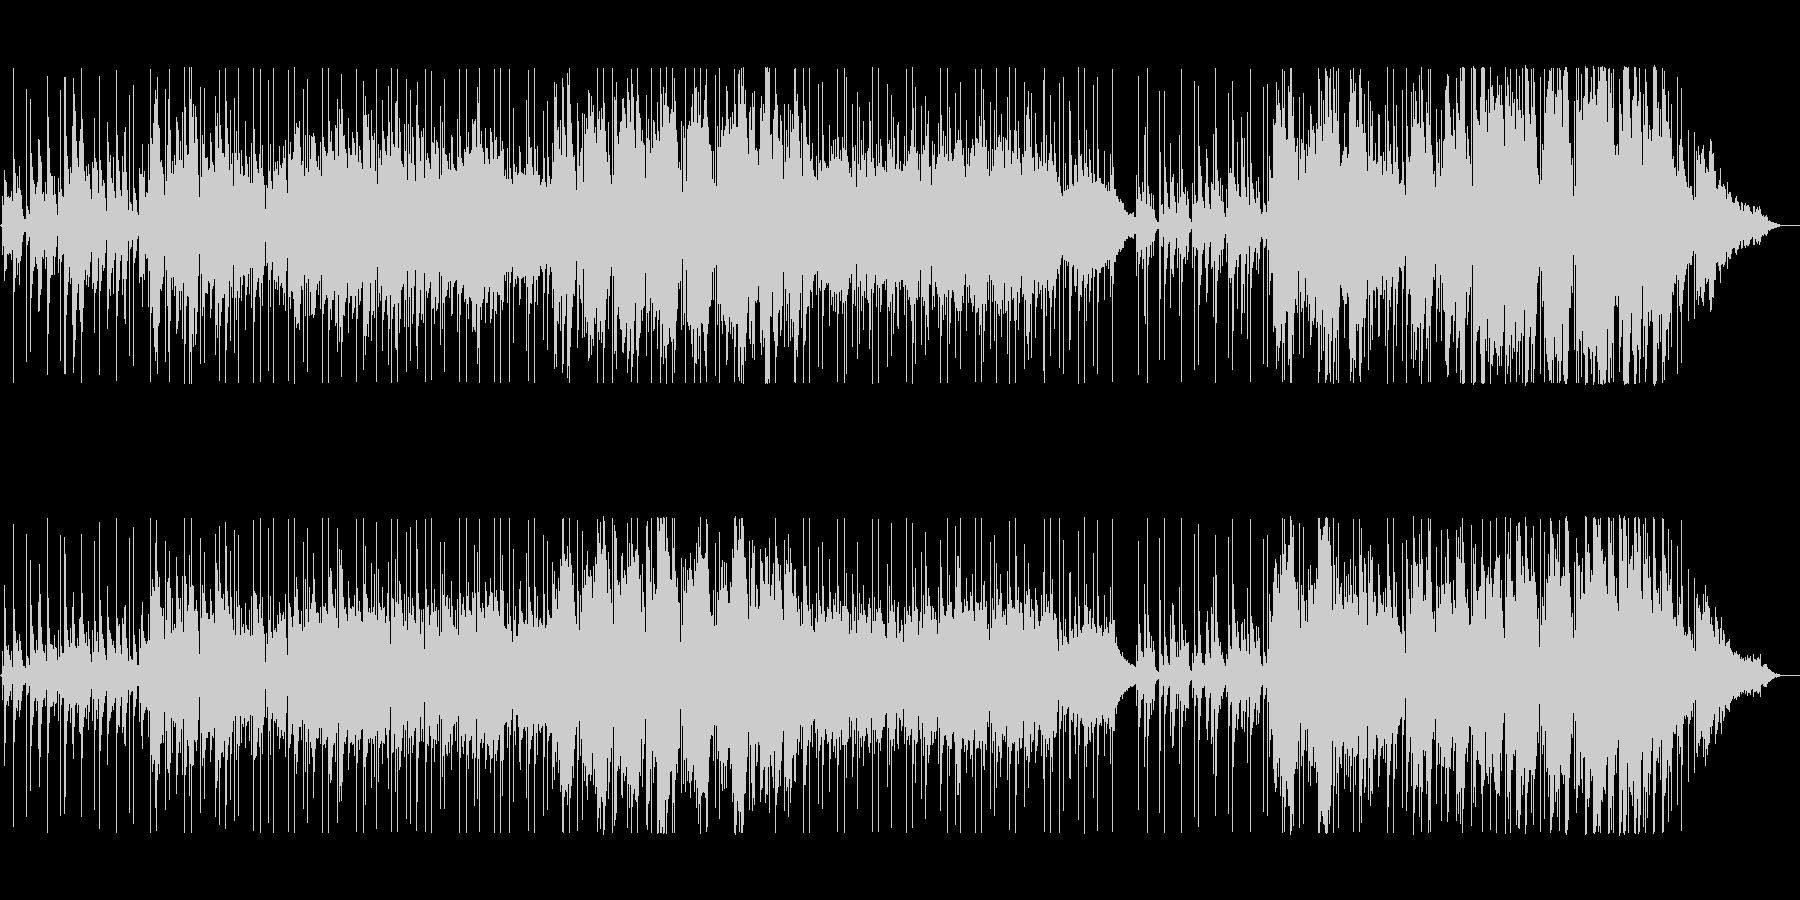 ピアノメインのしっとりとしたバラードの未再生の波形